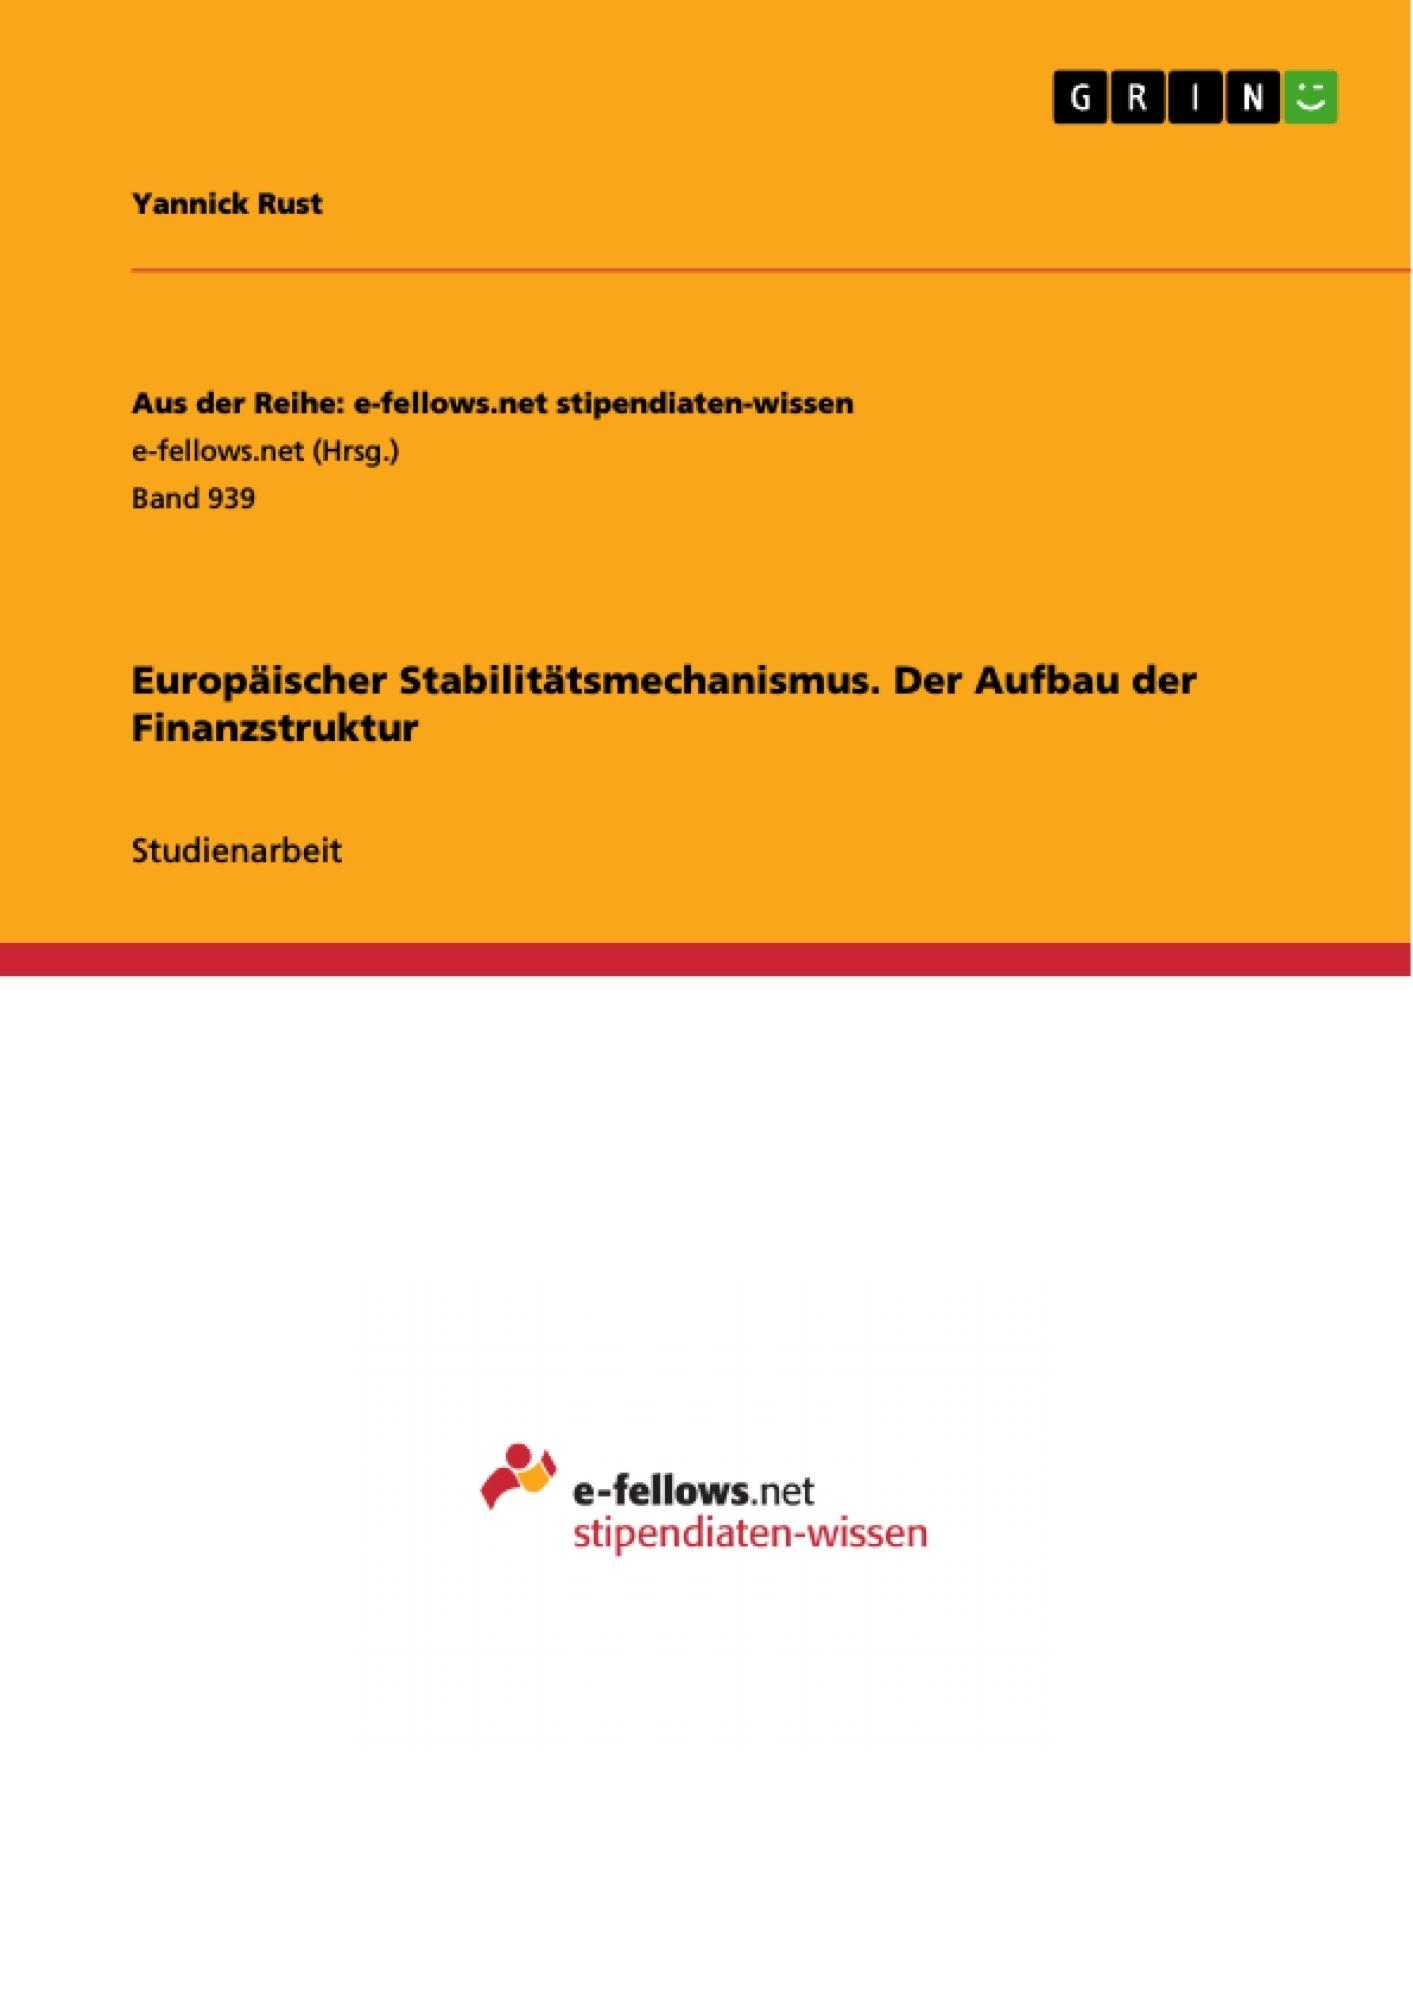 Titel: Europäischer Stabilitätsmechanismus. Der Aufbau der Finanzstruktur